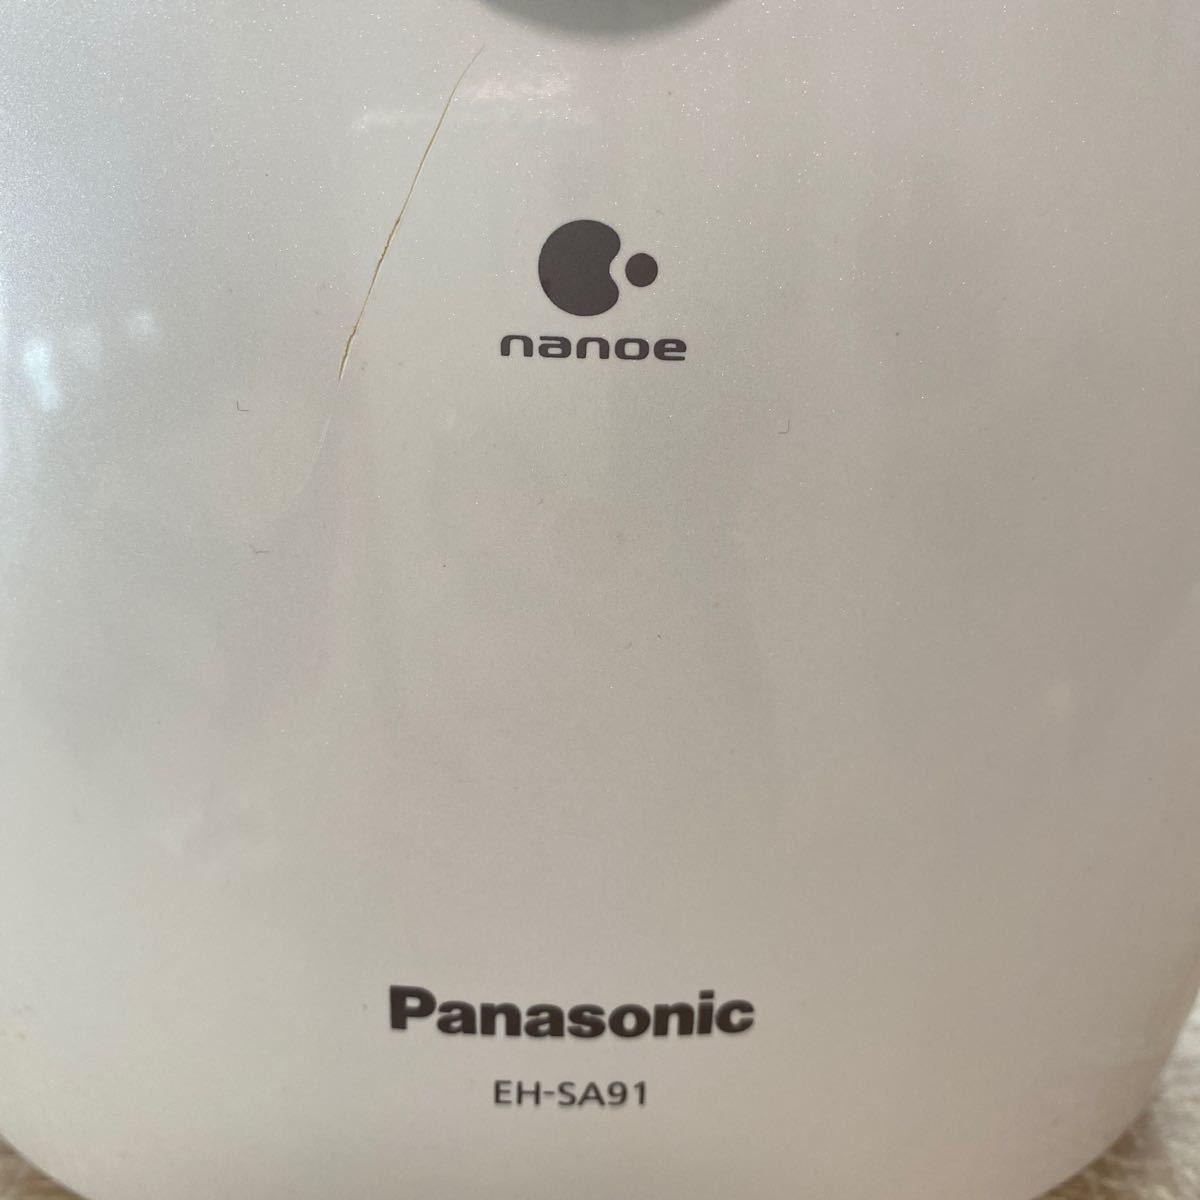 【Panasonic】美顔器スチーマー EHSA91